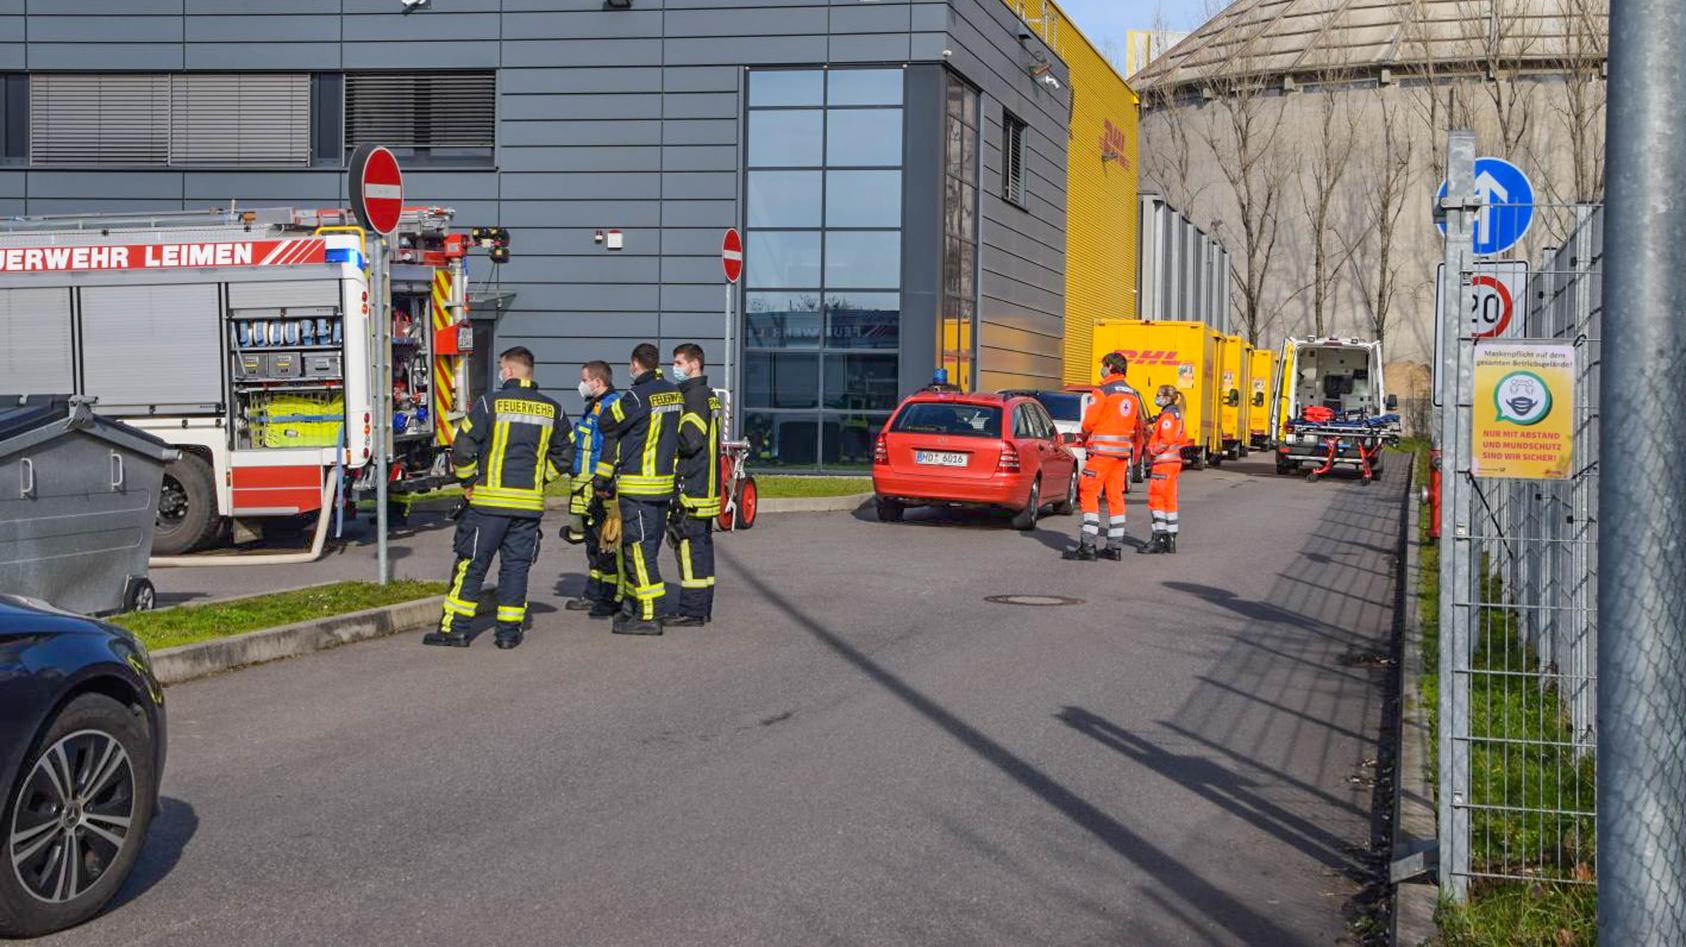 Verdächtiges Paket in Paketverteilzentrum in Leimen